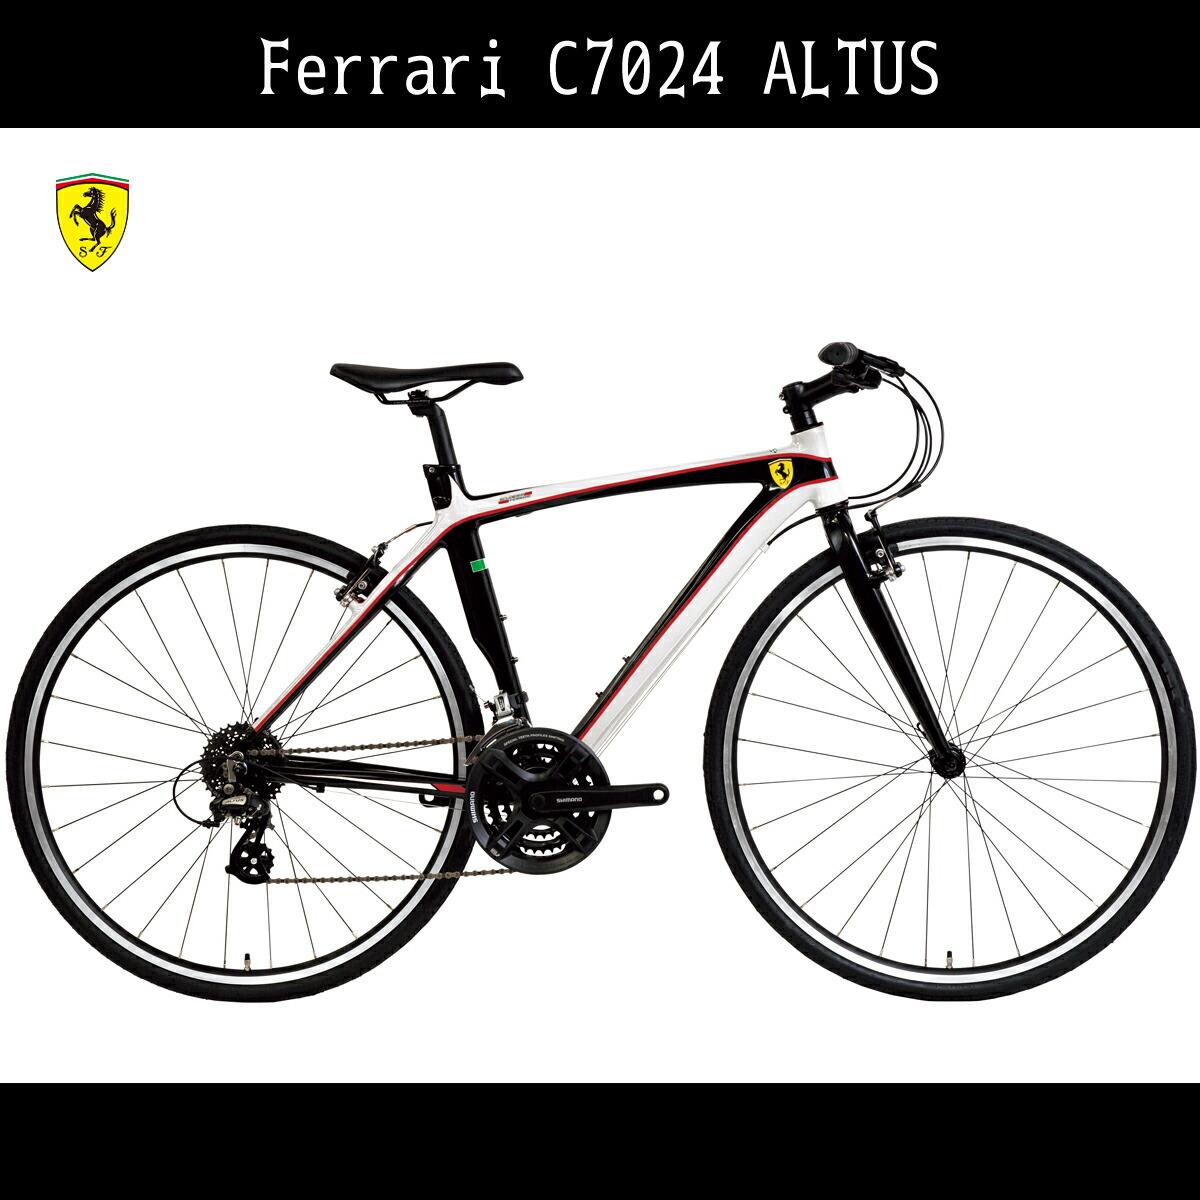 クロスバイク Ferrari フェラーリ 自転車 ホワイト/白 自転車700c クロスバイク 外装24段変速ギア 前後クイックレリーズハブ フェラーリ クロスバイク C7024 ALTUS アルミニウム